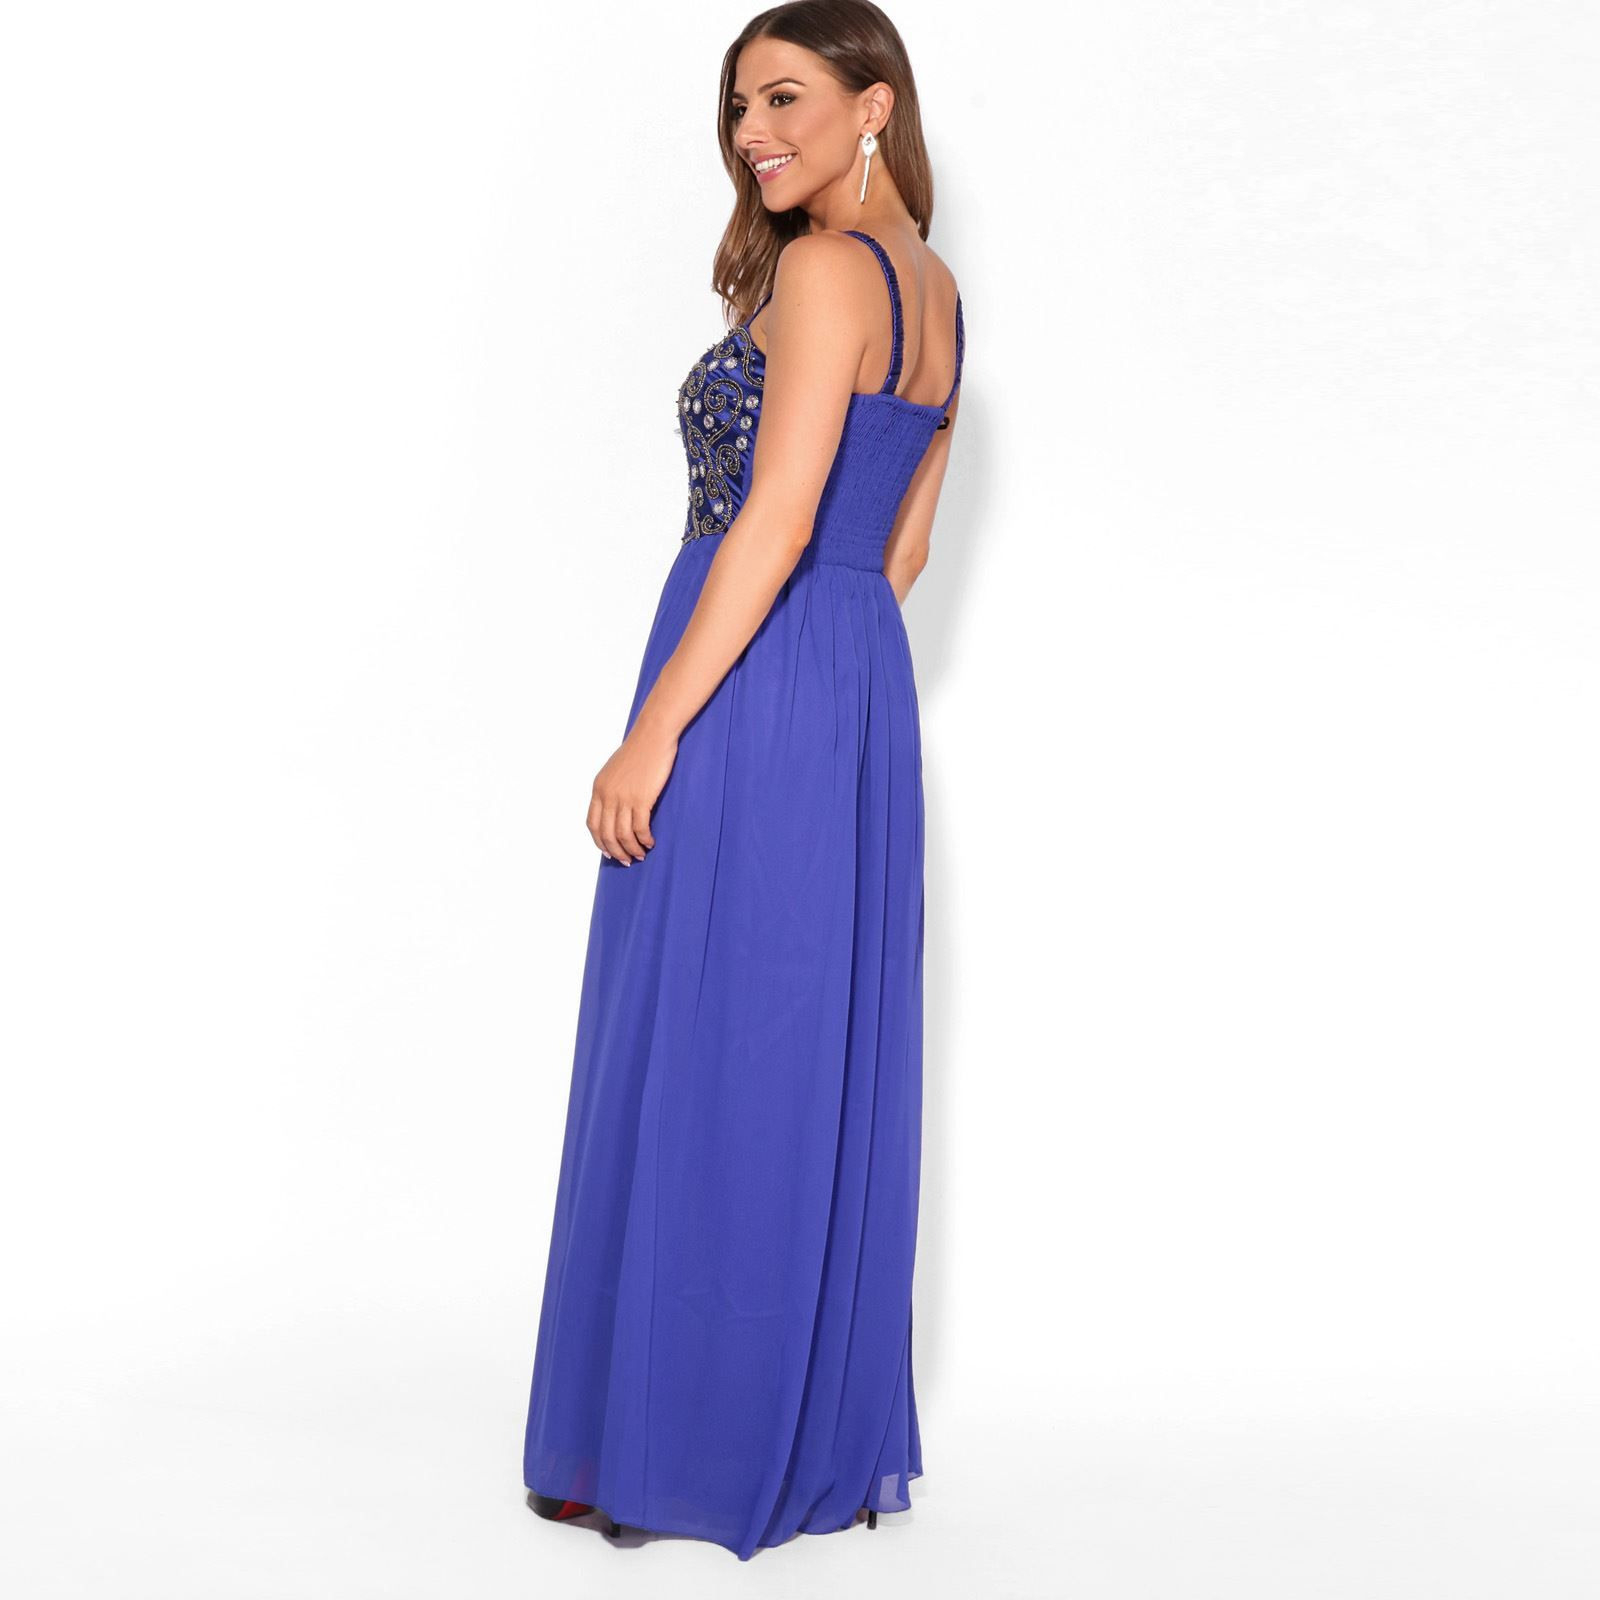 17 einzigartig abendgarderobe damen boutique - abendkleid